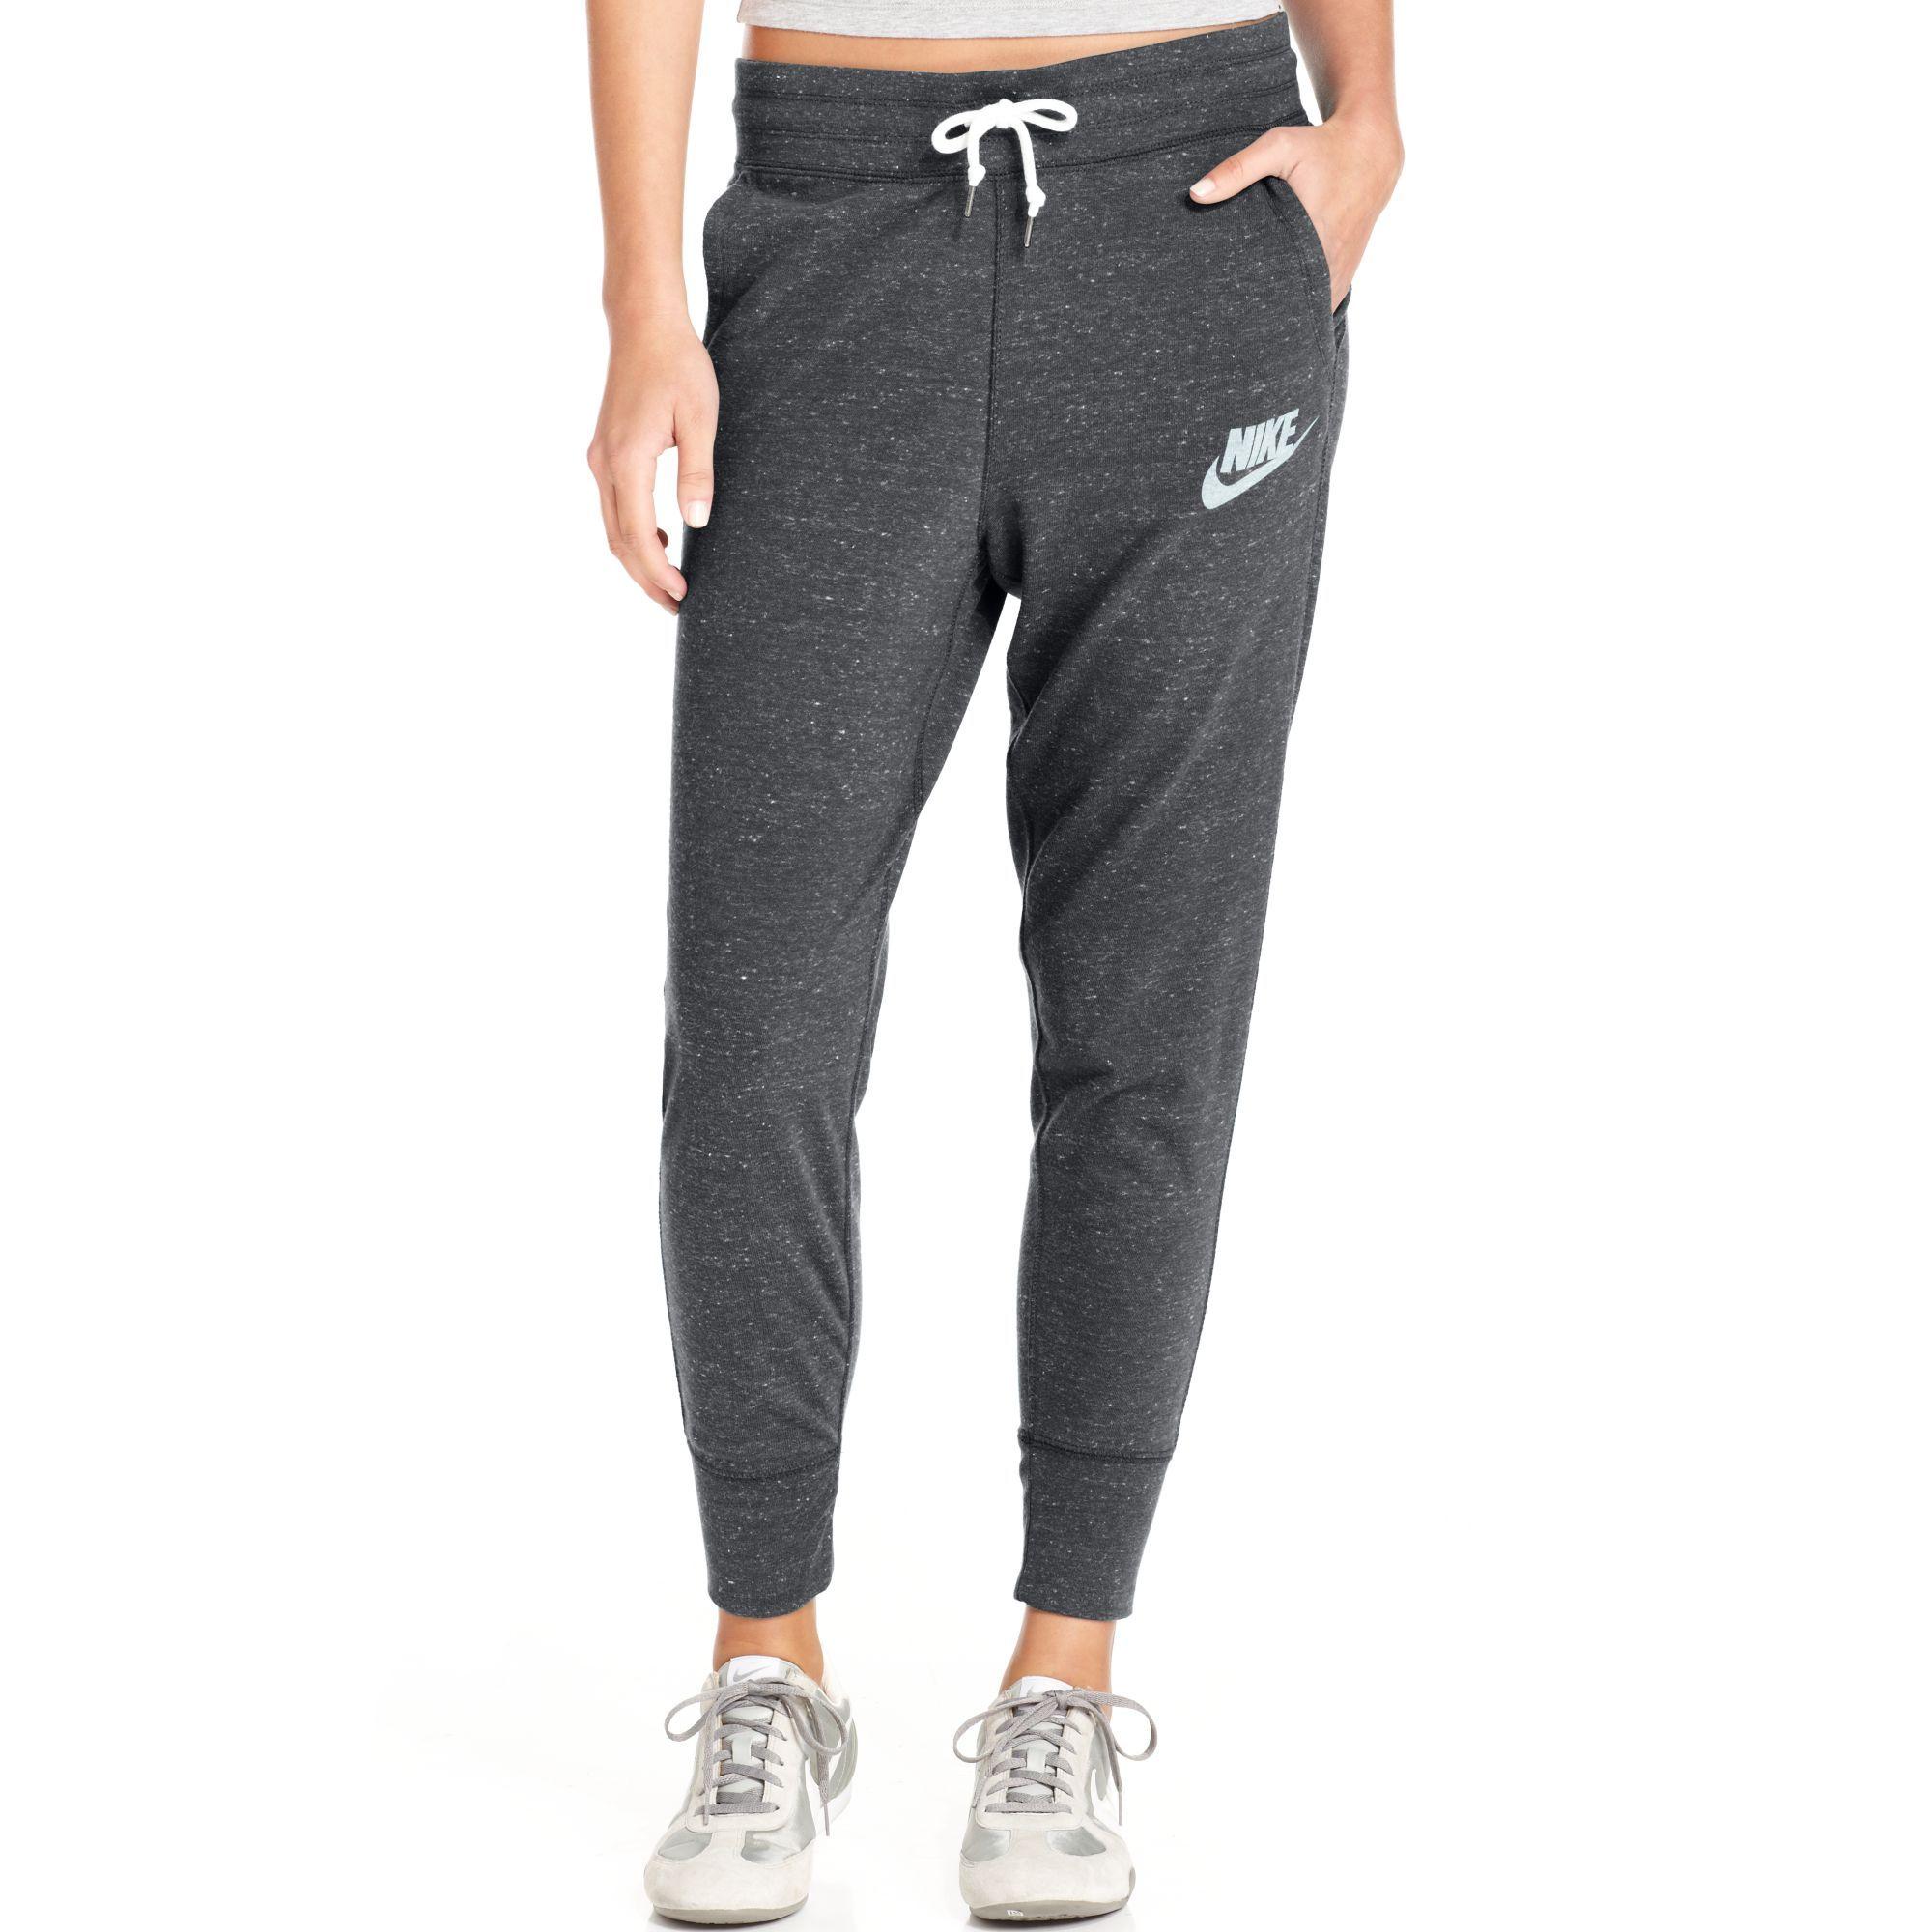 nike-dark-grey-gym-vintage-sweatpants